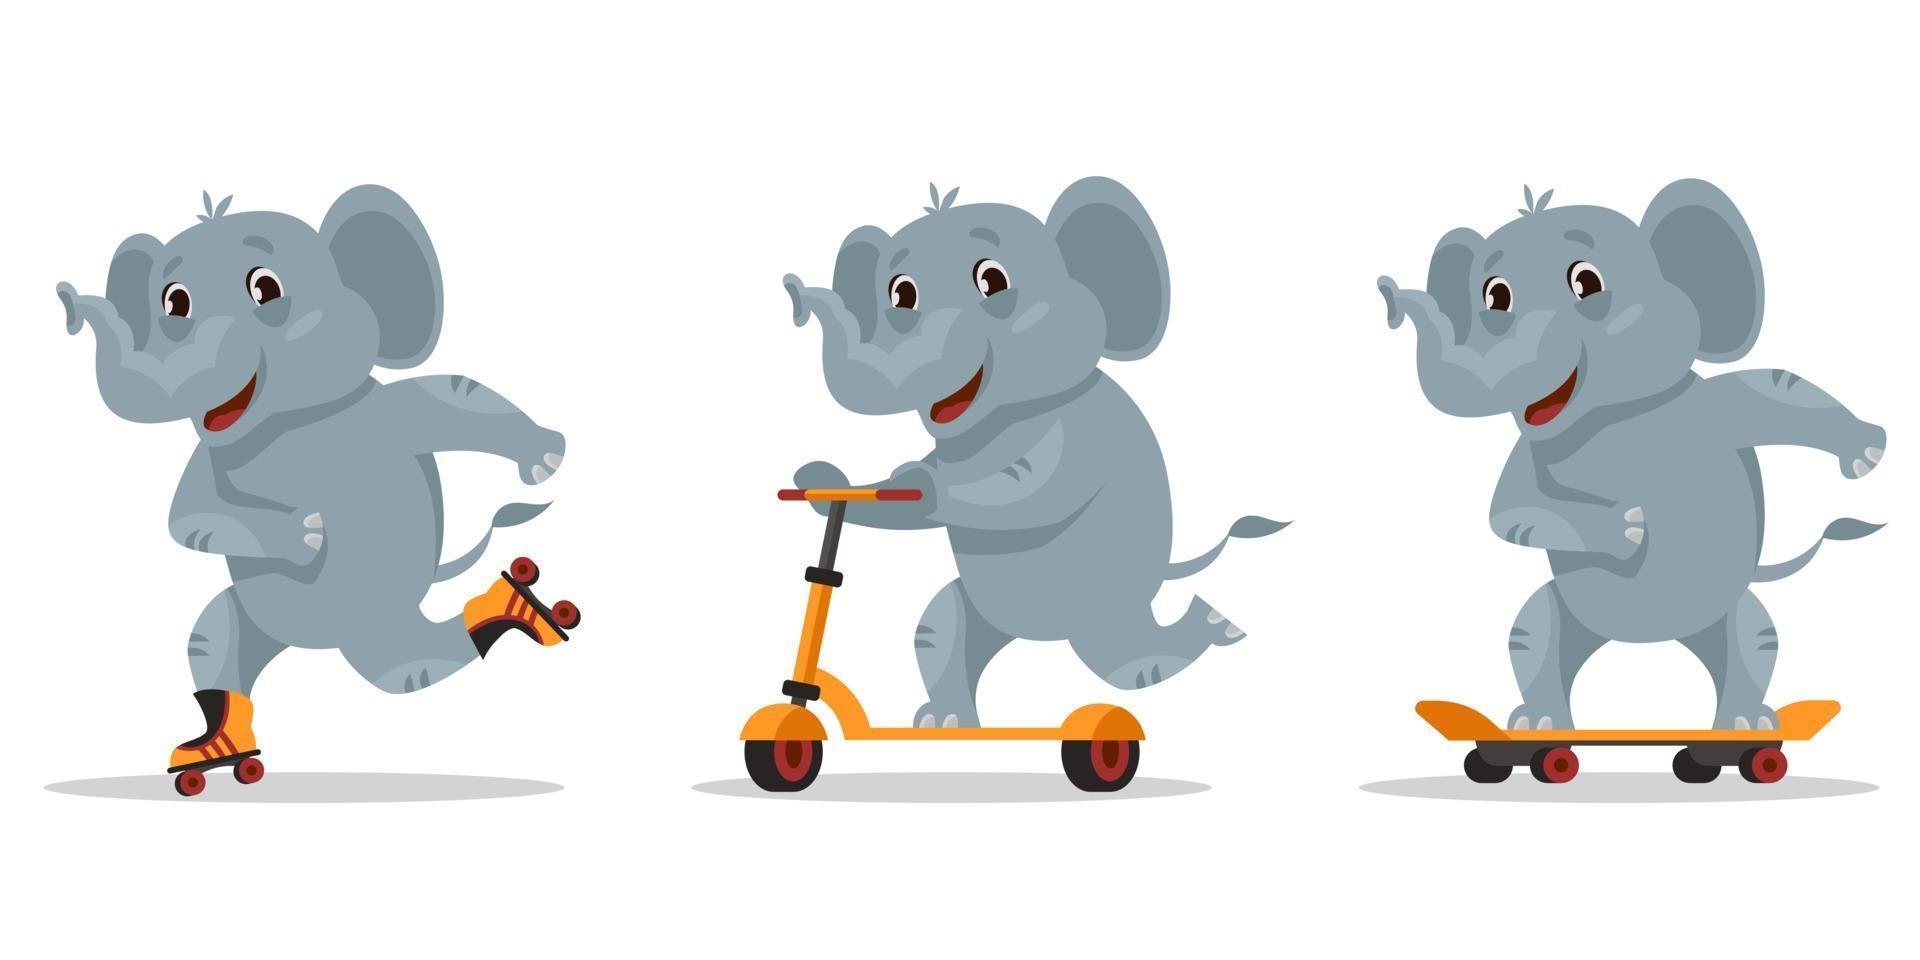 rolig tecknad elefant. djur ridning på skateboard, rullskridskor och skoter. vektor